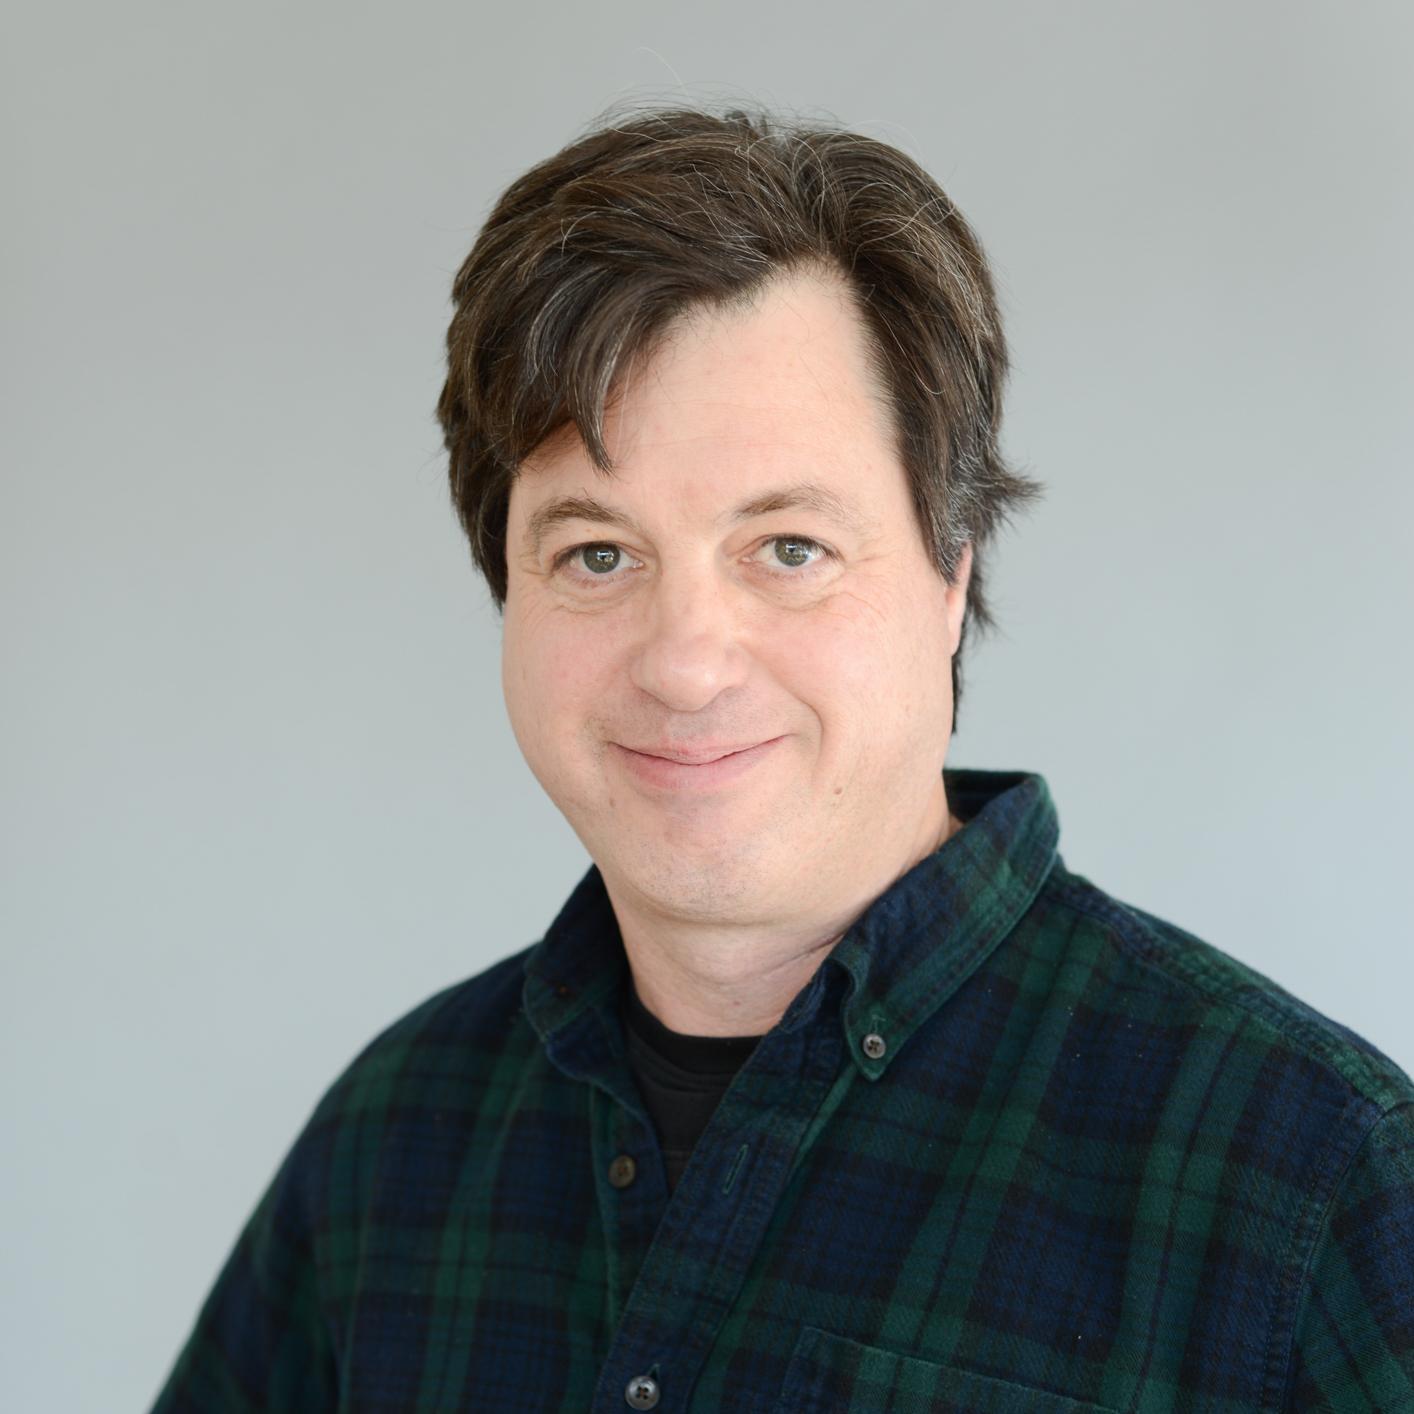 Dan Bennett